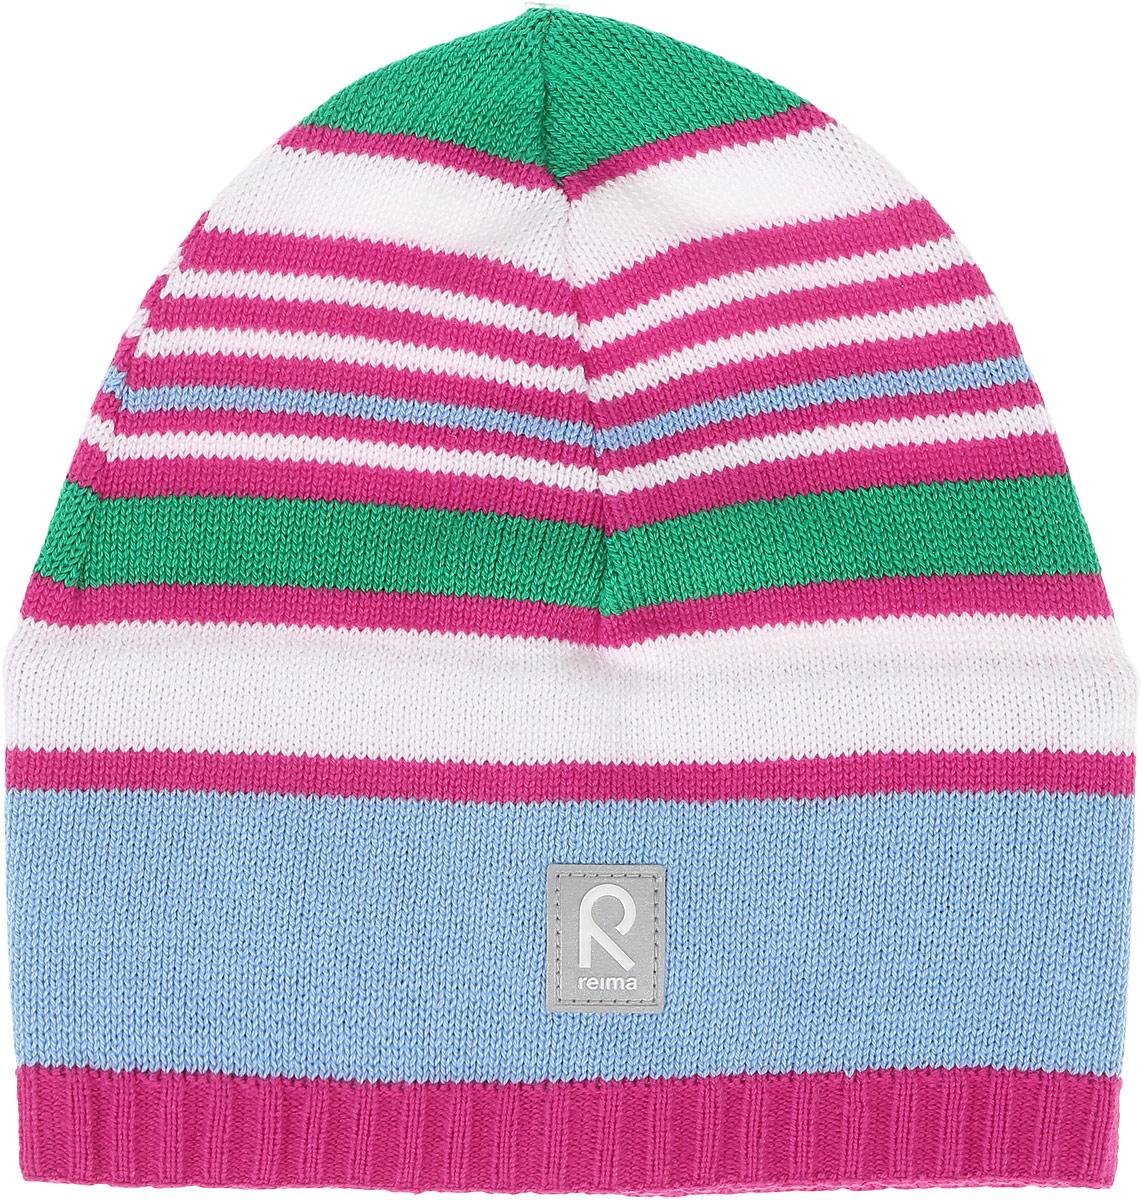 Шапка детская Reima Datoline, цвет: розовый, голубой, белый. 528510462A. Размер 50528510462AУдобная трикотажная шапка из хлопка подойдет на все случаи жизни. Полуподкладка из хлопчатобумажного трикотажа гарантирует тепло, а ветронепроницаемые вставки между верхним слоем и подкладкой защищают уши. Светоотражающая эмблема спереди позволяет лучше разглядеть ребенка после захода солнца.